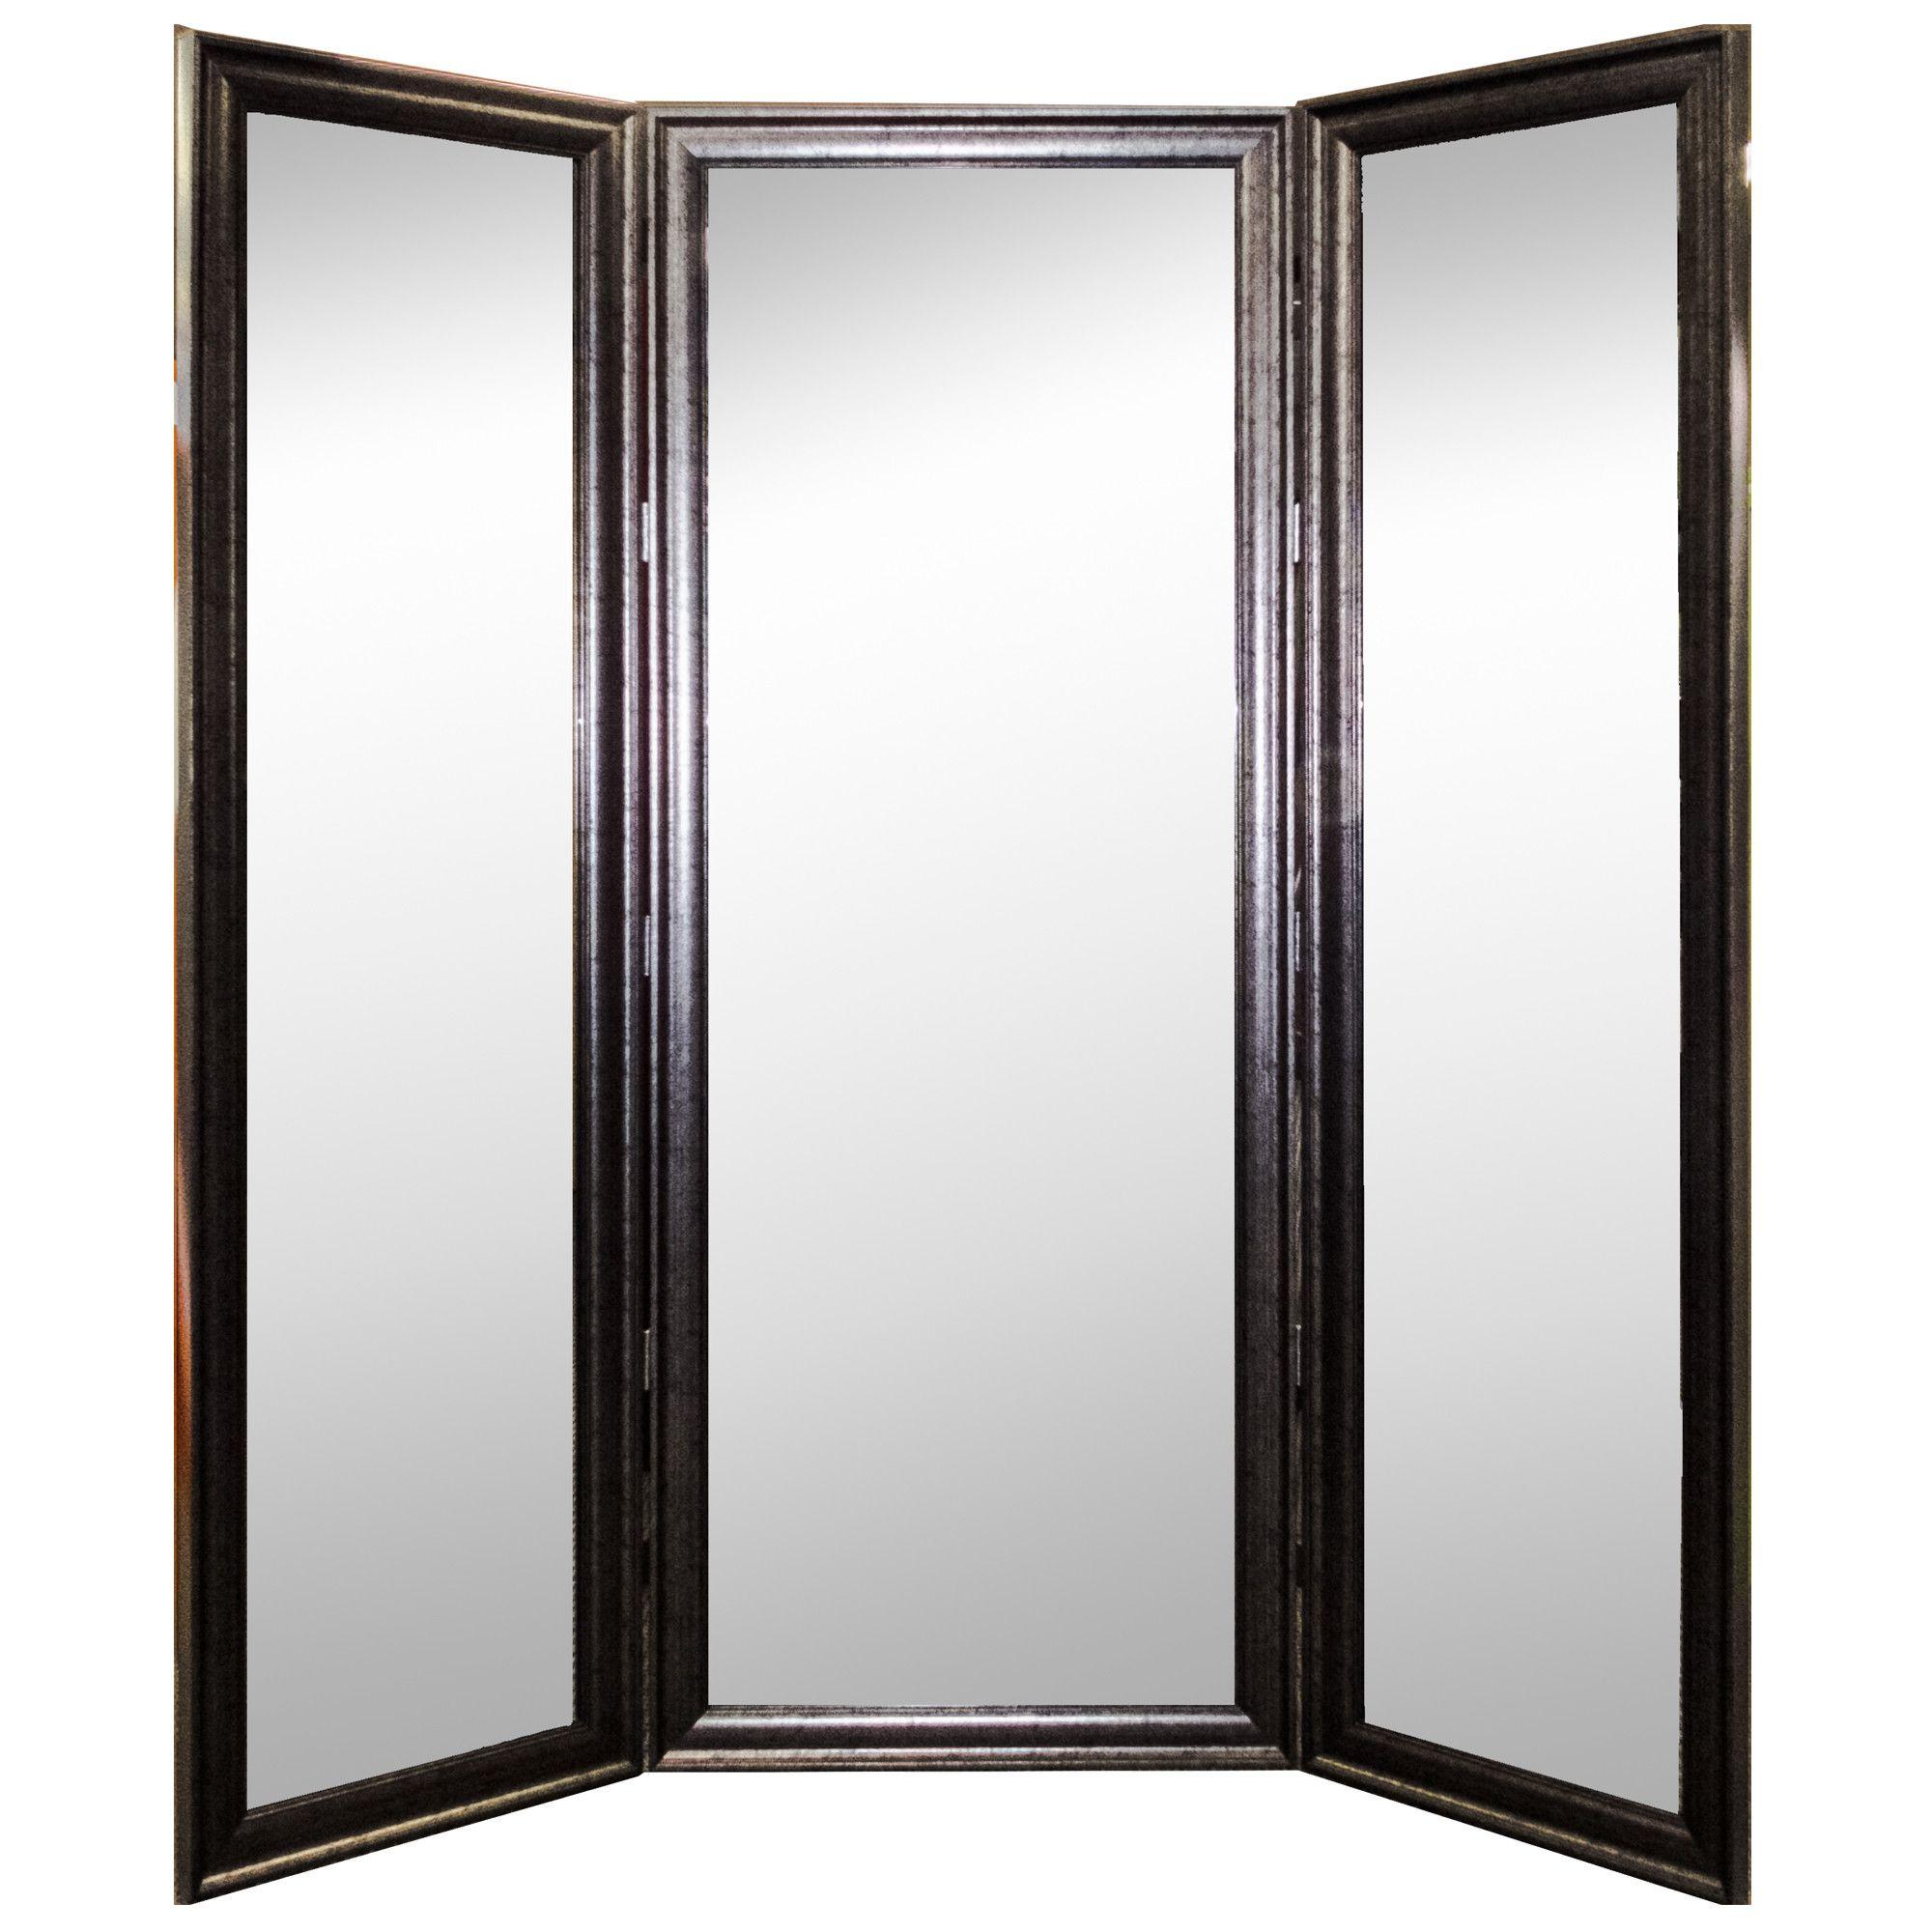 Vintage silver three panel mirror room divider mirror room